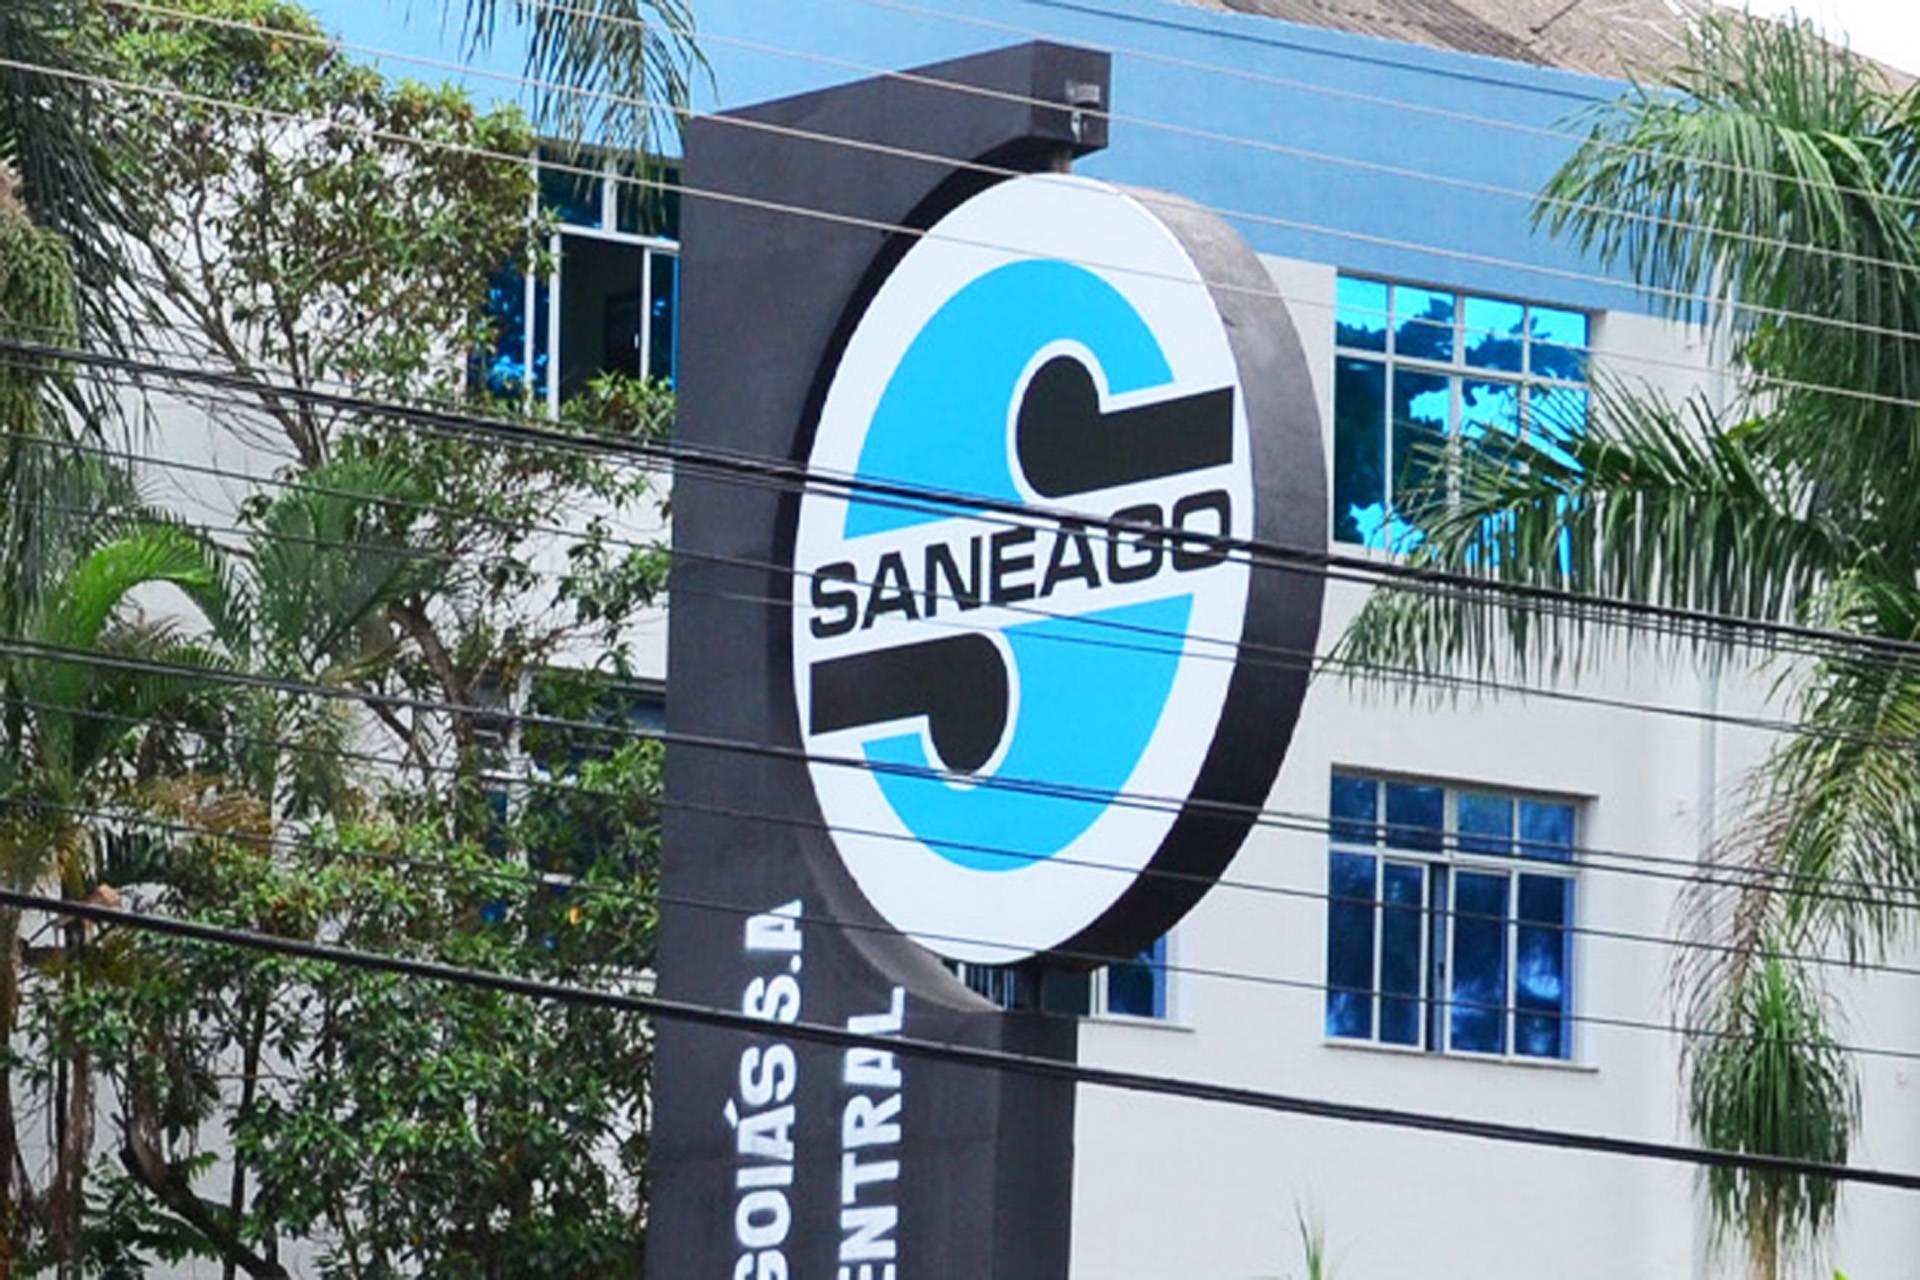 Edital do Concurso SANEAGO foi publicado no dia 15 de dezembro | Foto: Reprodução